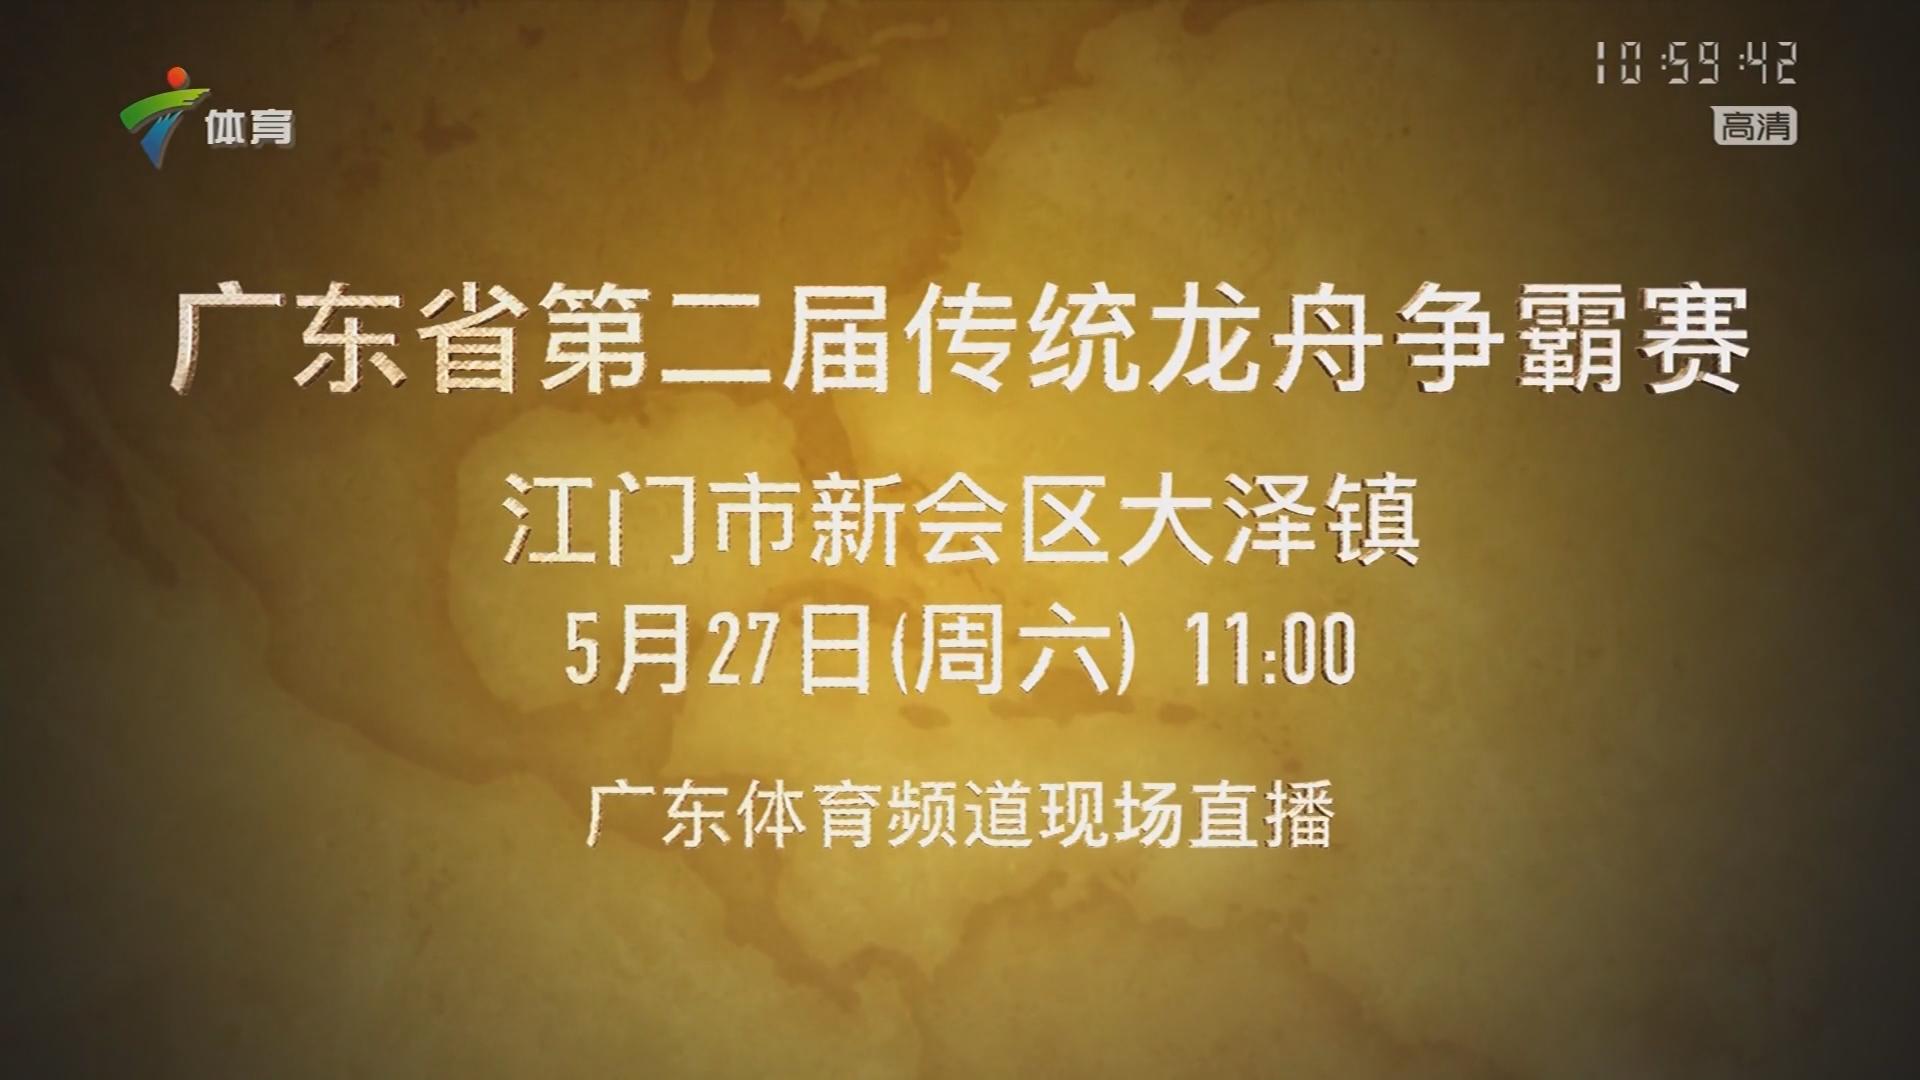 广东省第二届传统龙舟争霸赛